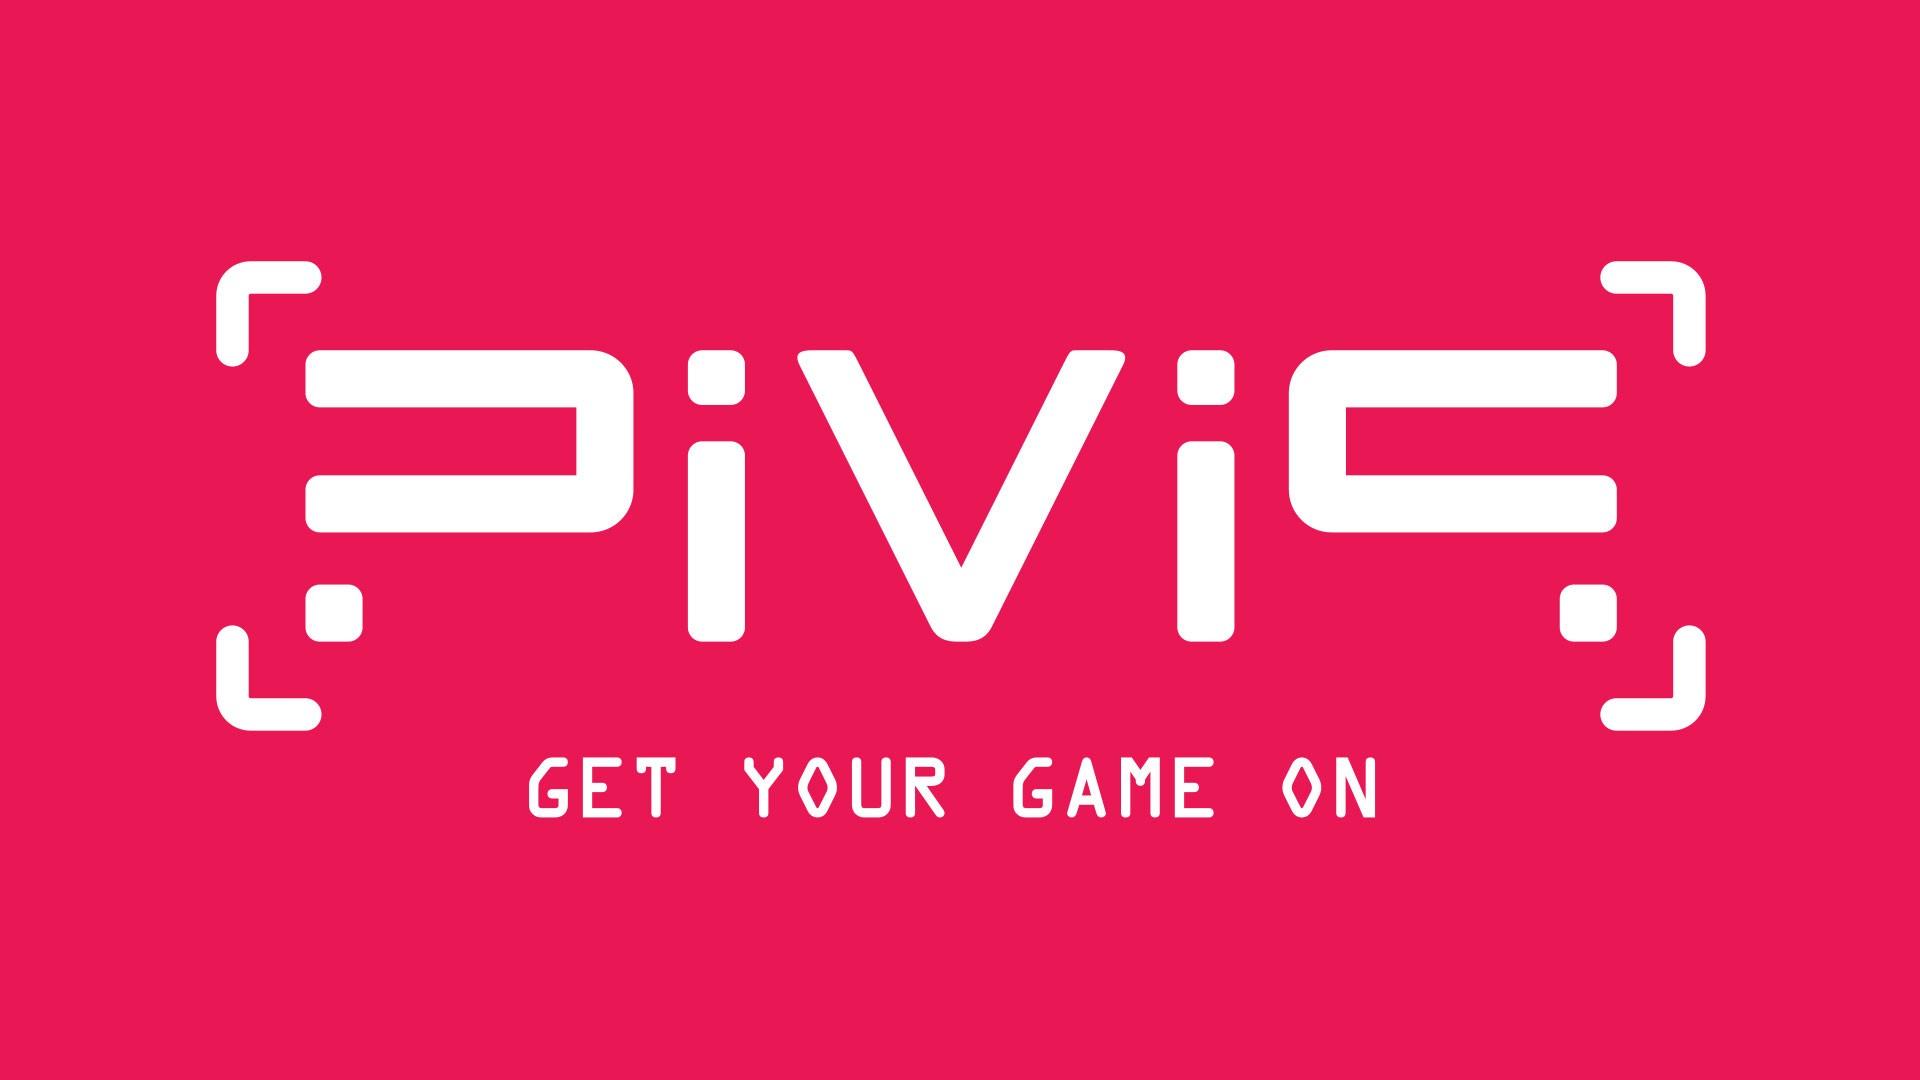 Pivip-05